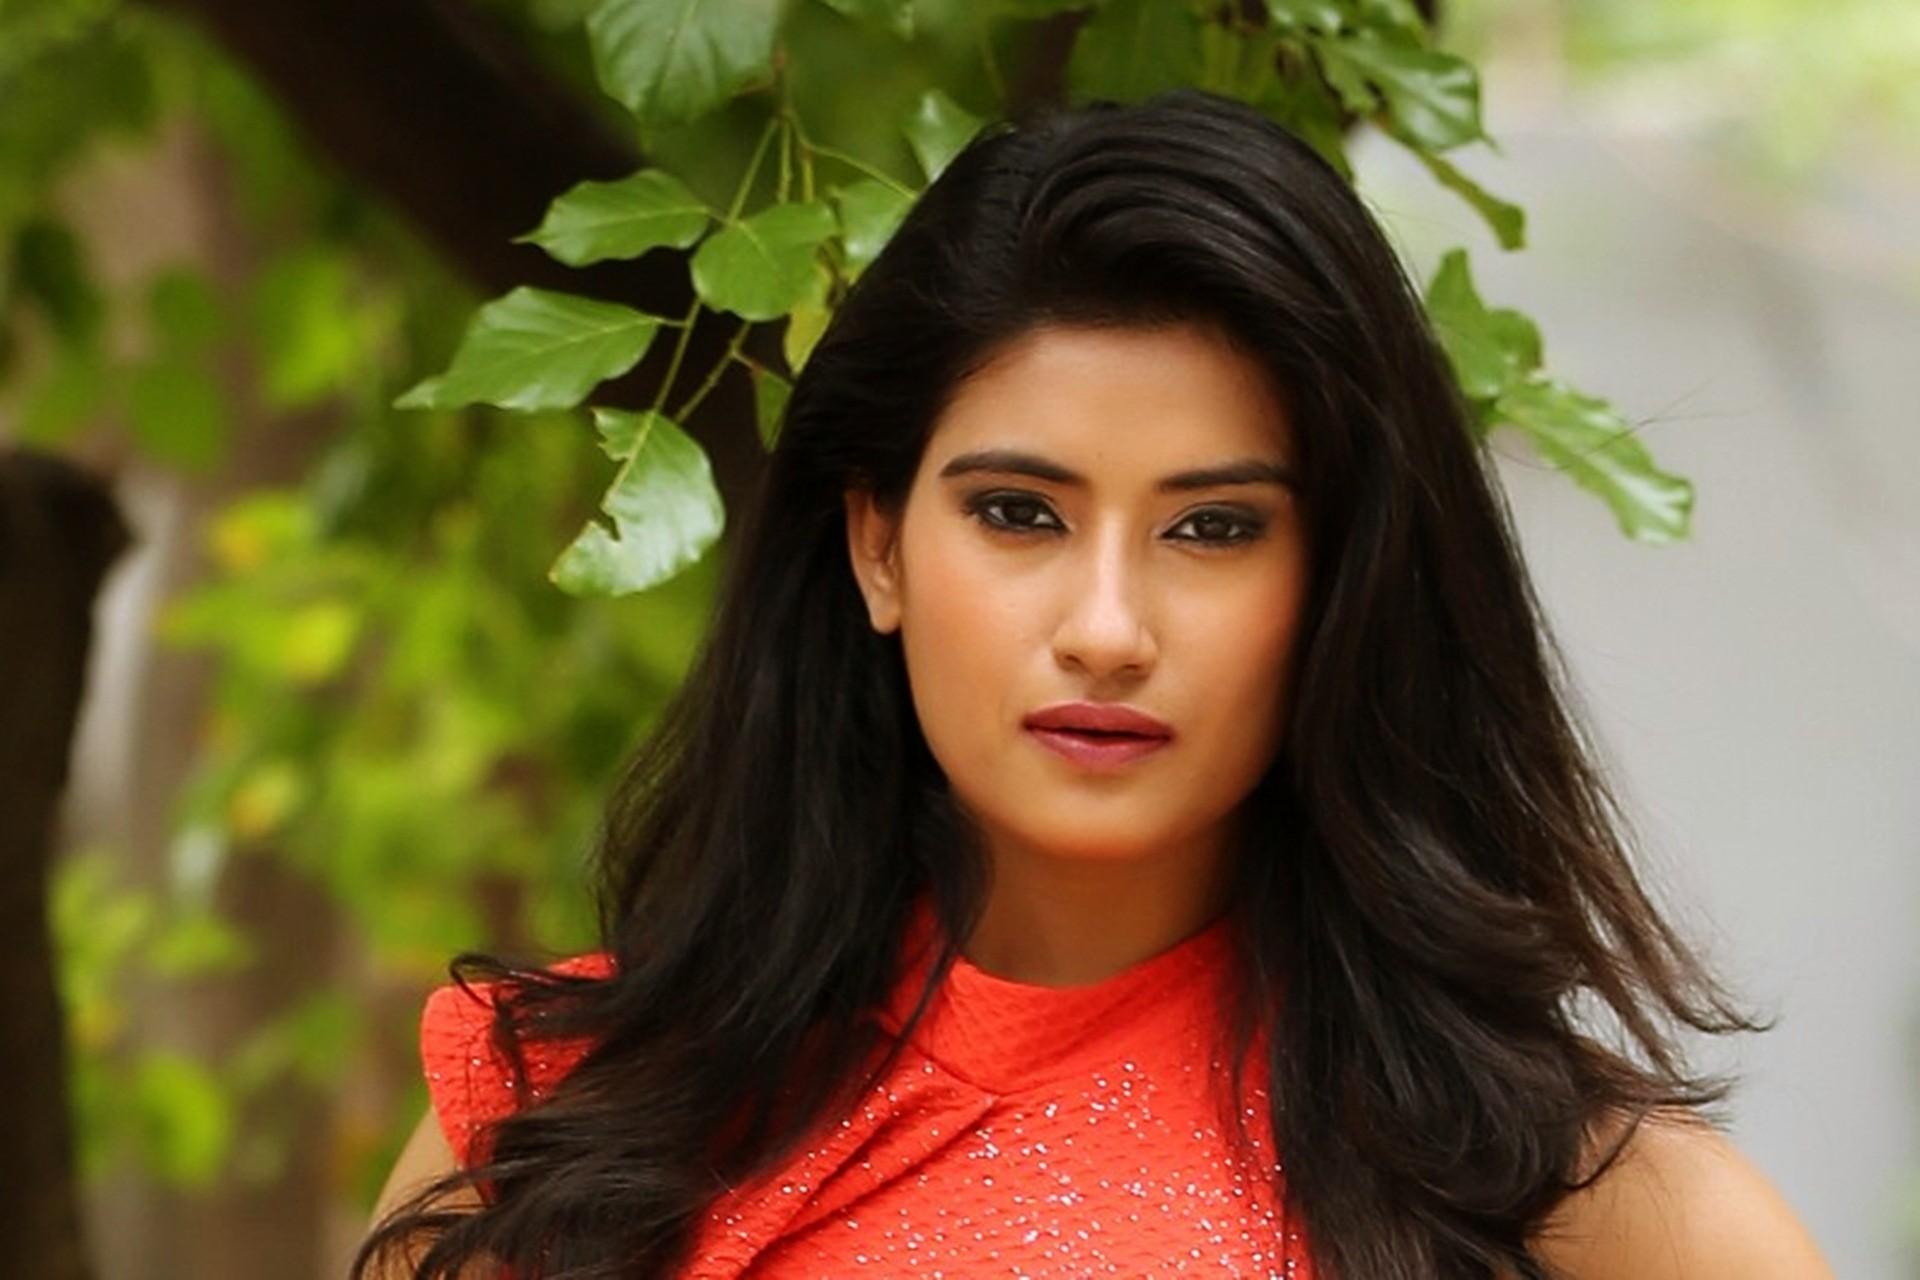 Celebrity desktop wallpaper 66 images - Indian ladies wallpaper ...